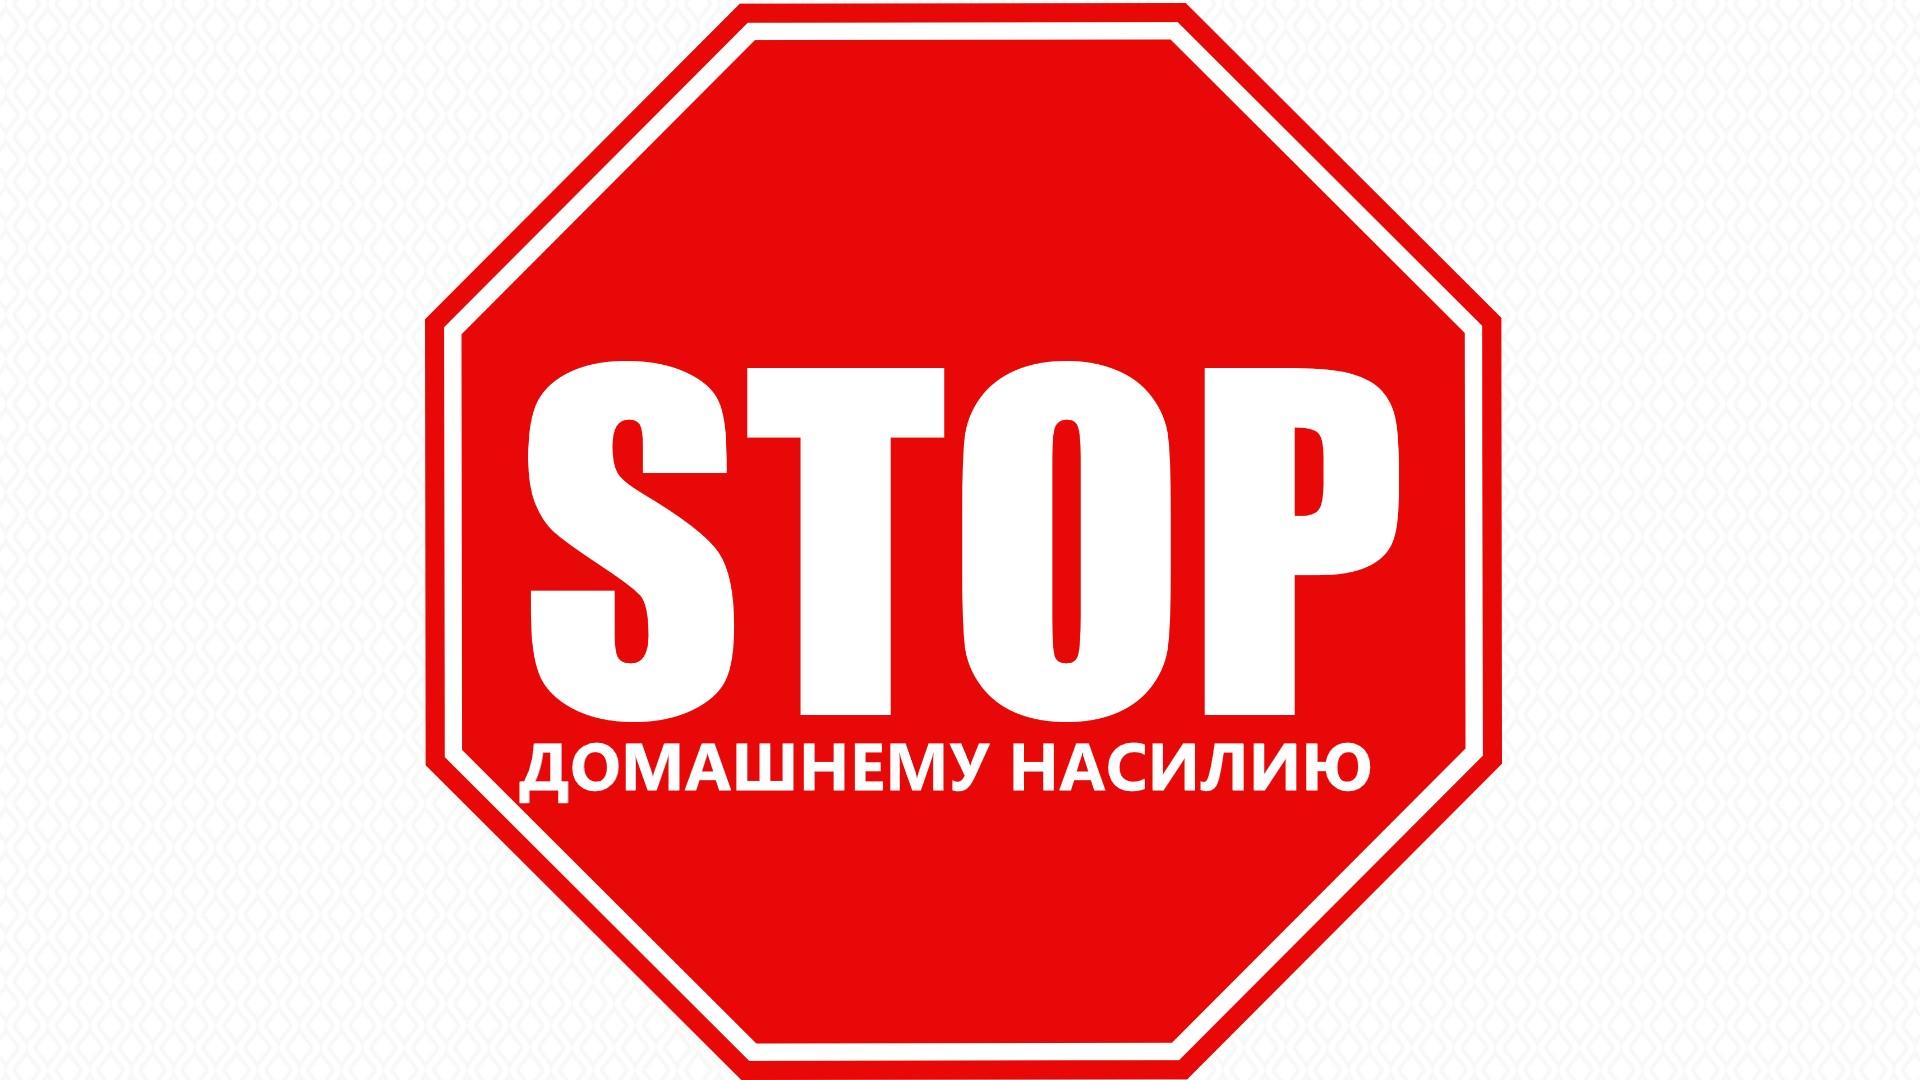 Госдума вновь игнорирует закон о домашнем насилии.